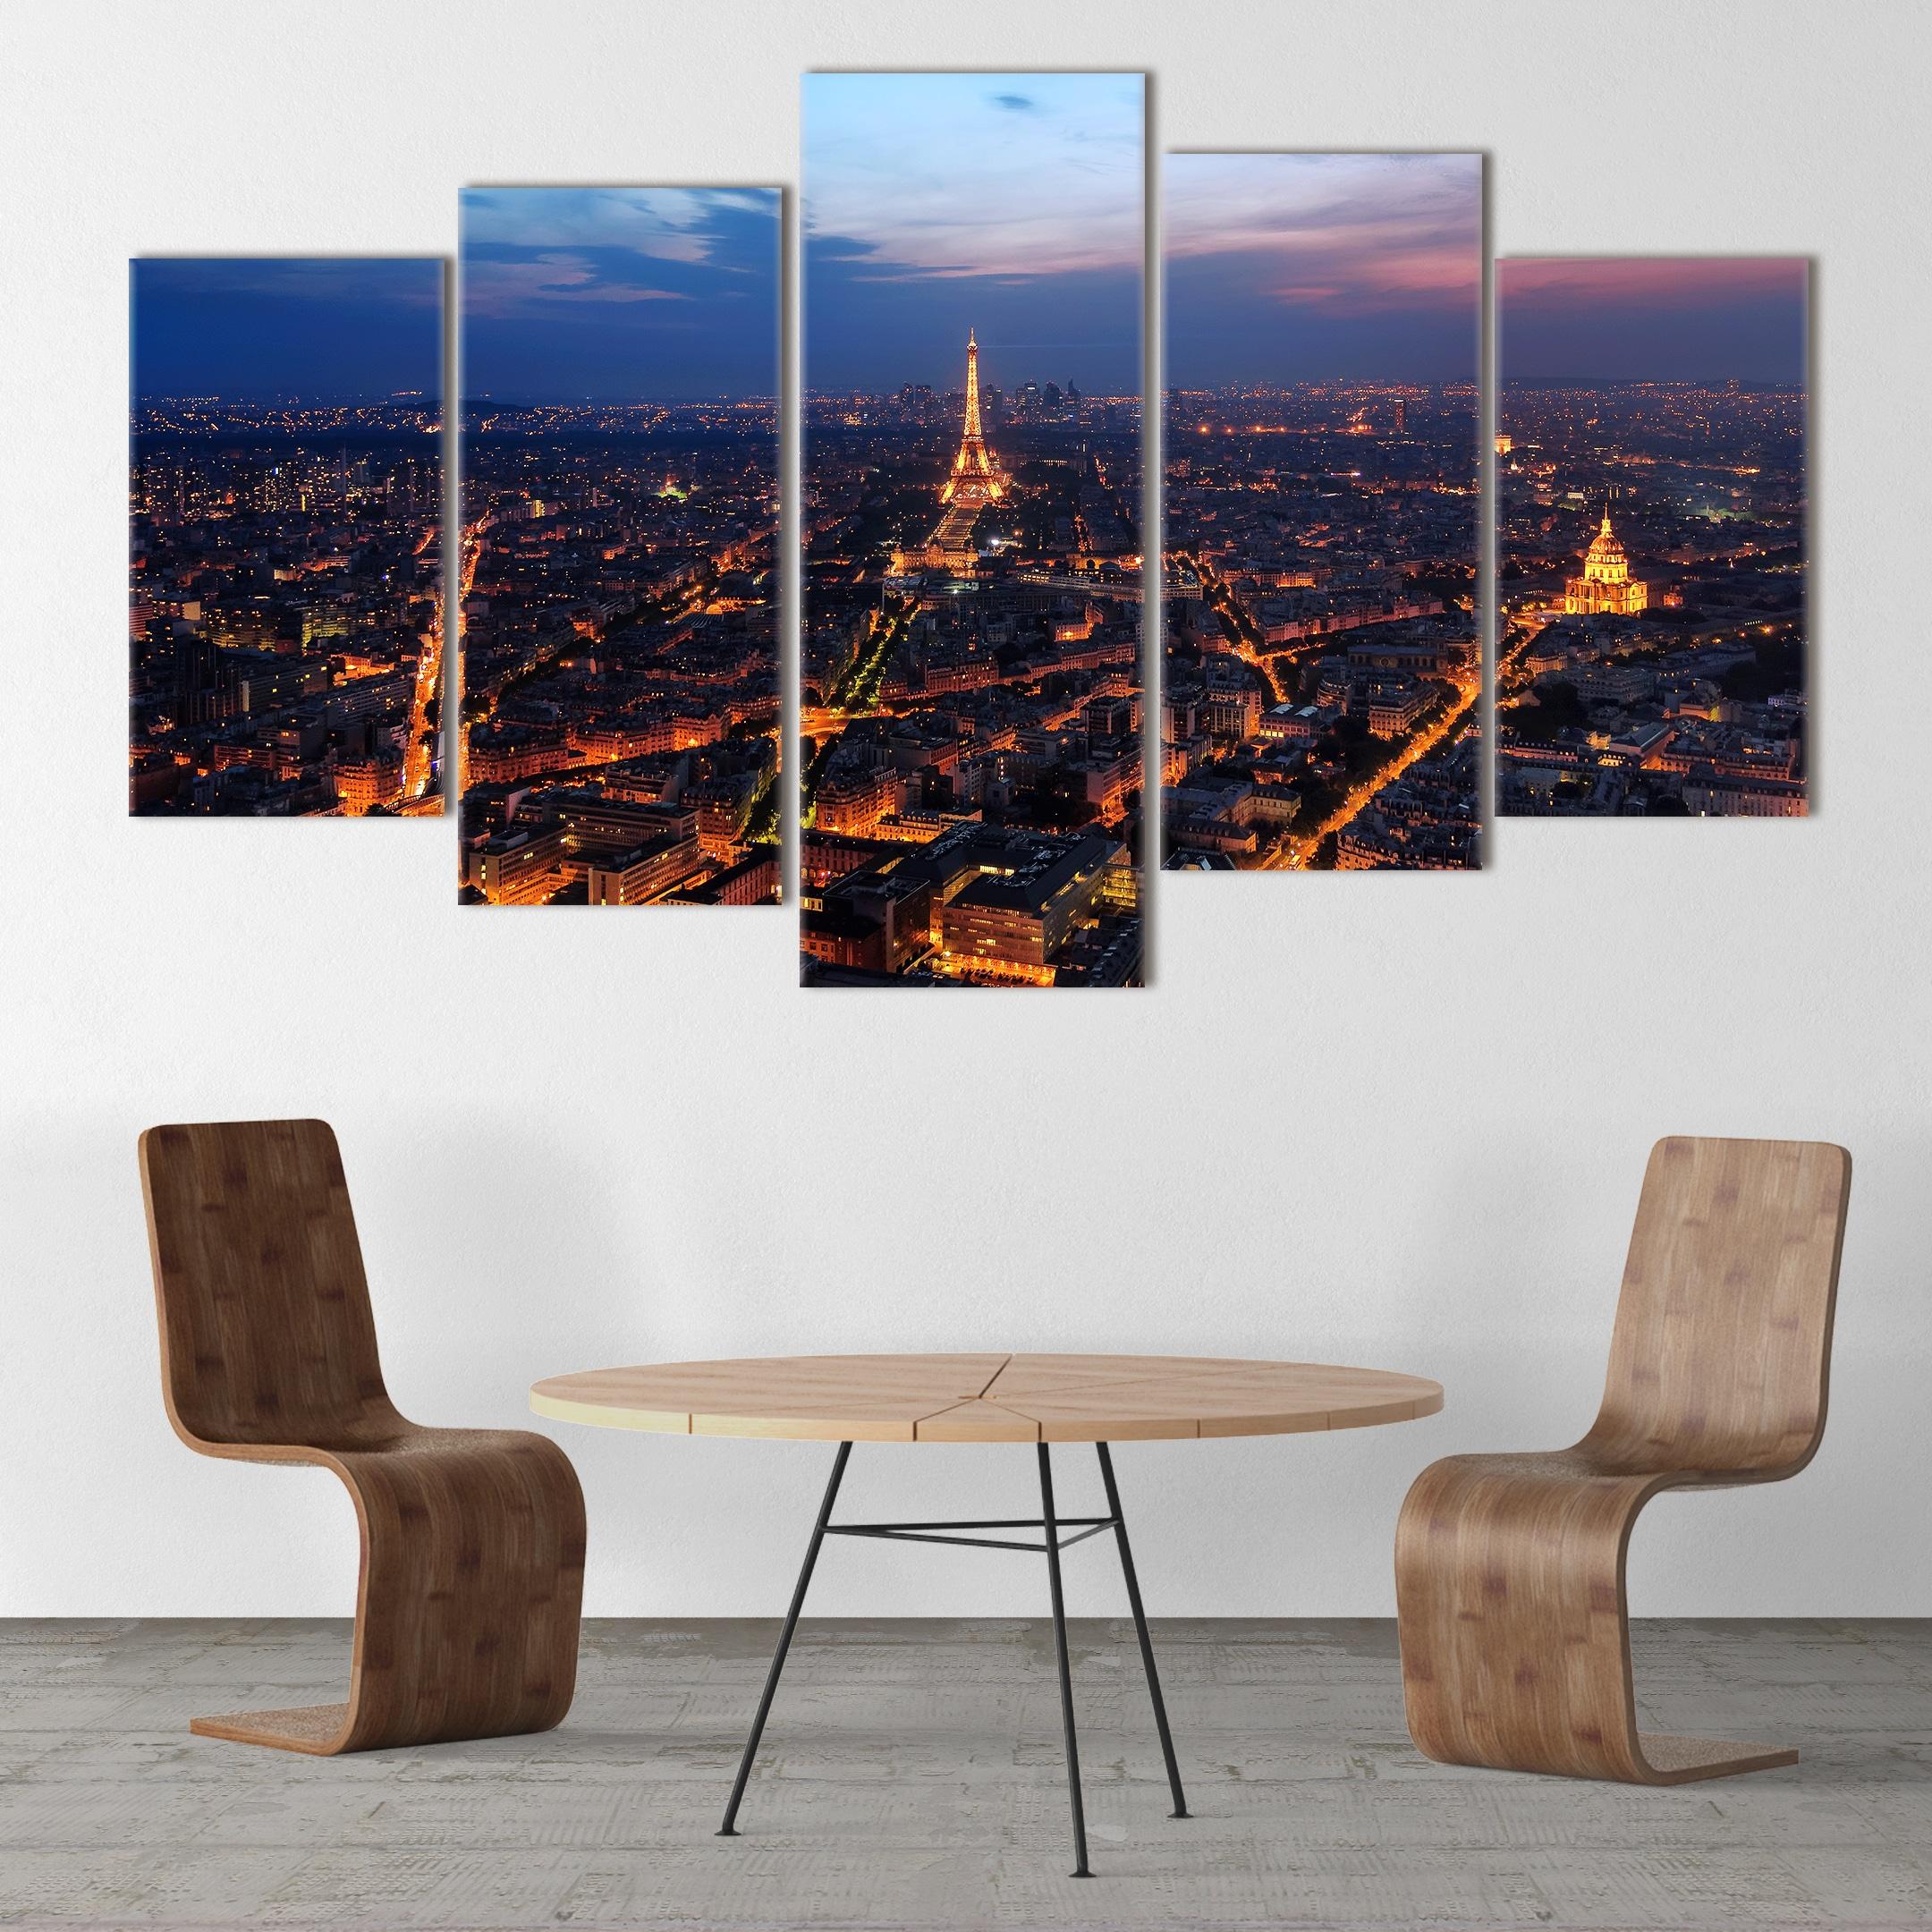 Paris in The Lights - Beautiful Home Décor | Unique Canvas